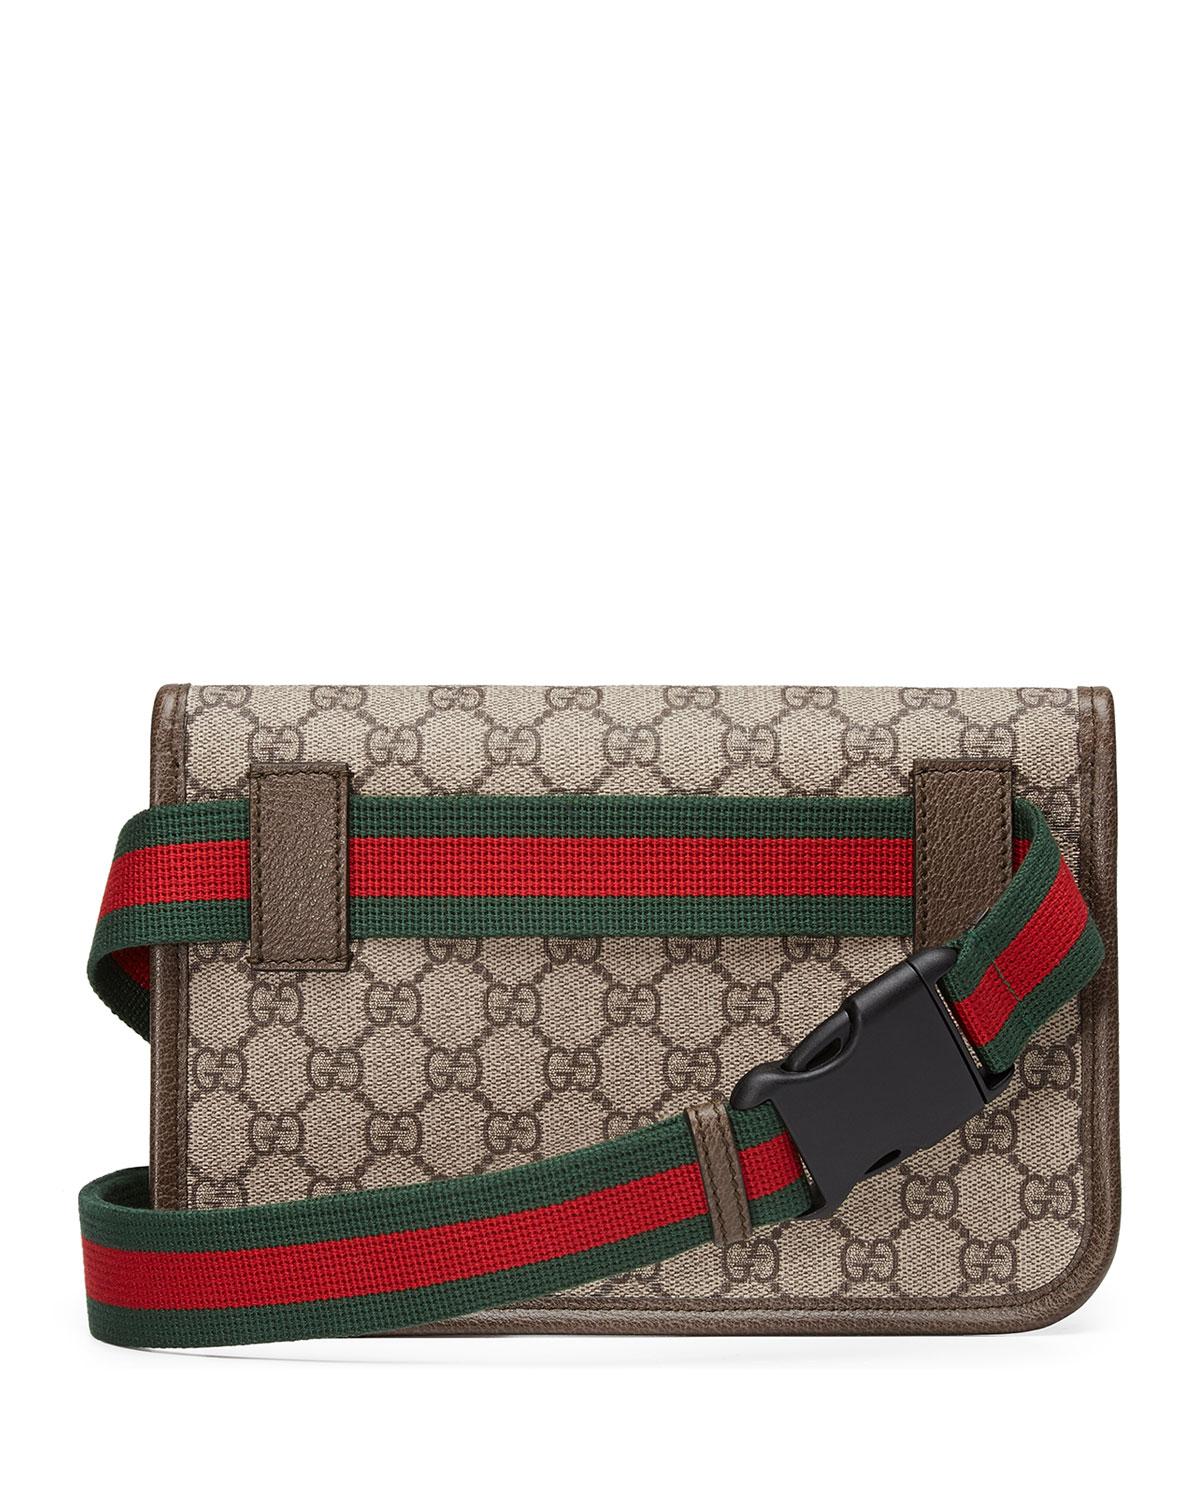 1c71e70c1ab4 Gucci Men's Neo Vintage Belt Bag/Fanny Pack   Neiman Marcus